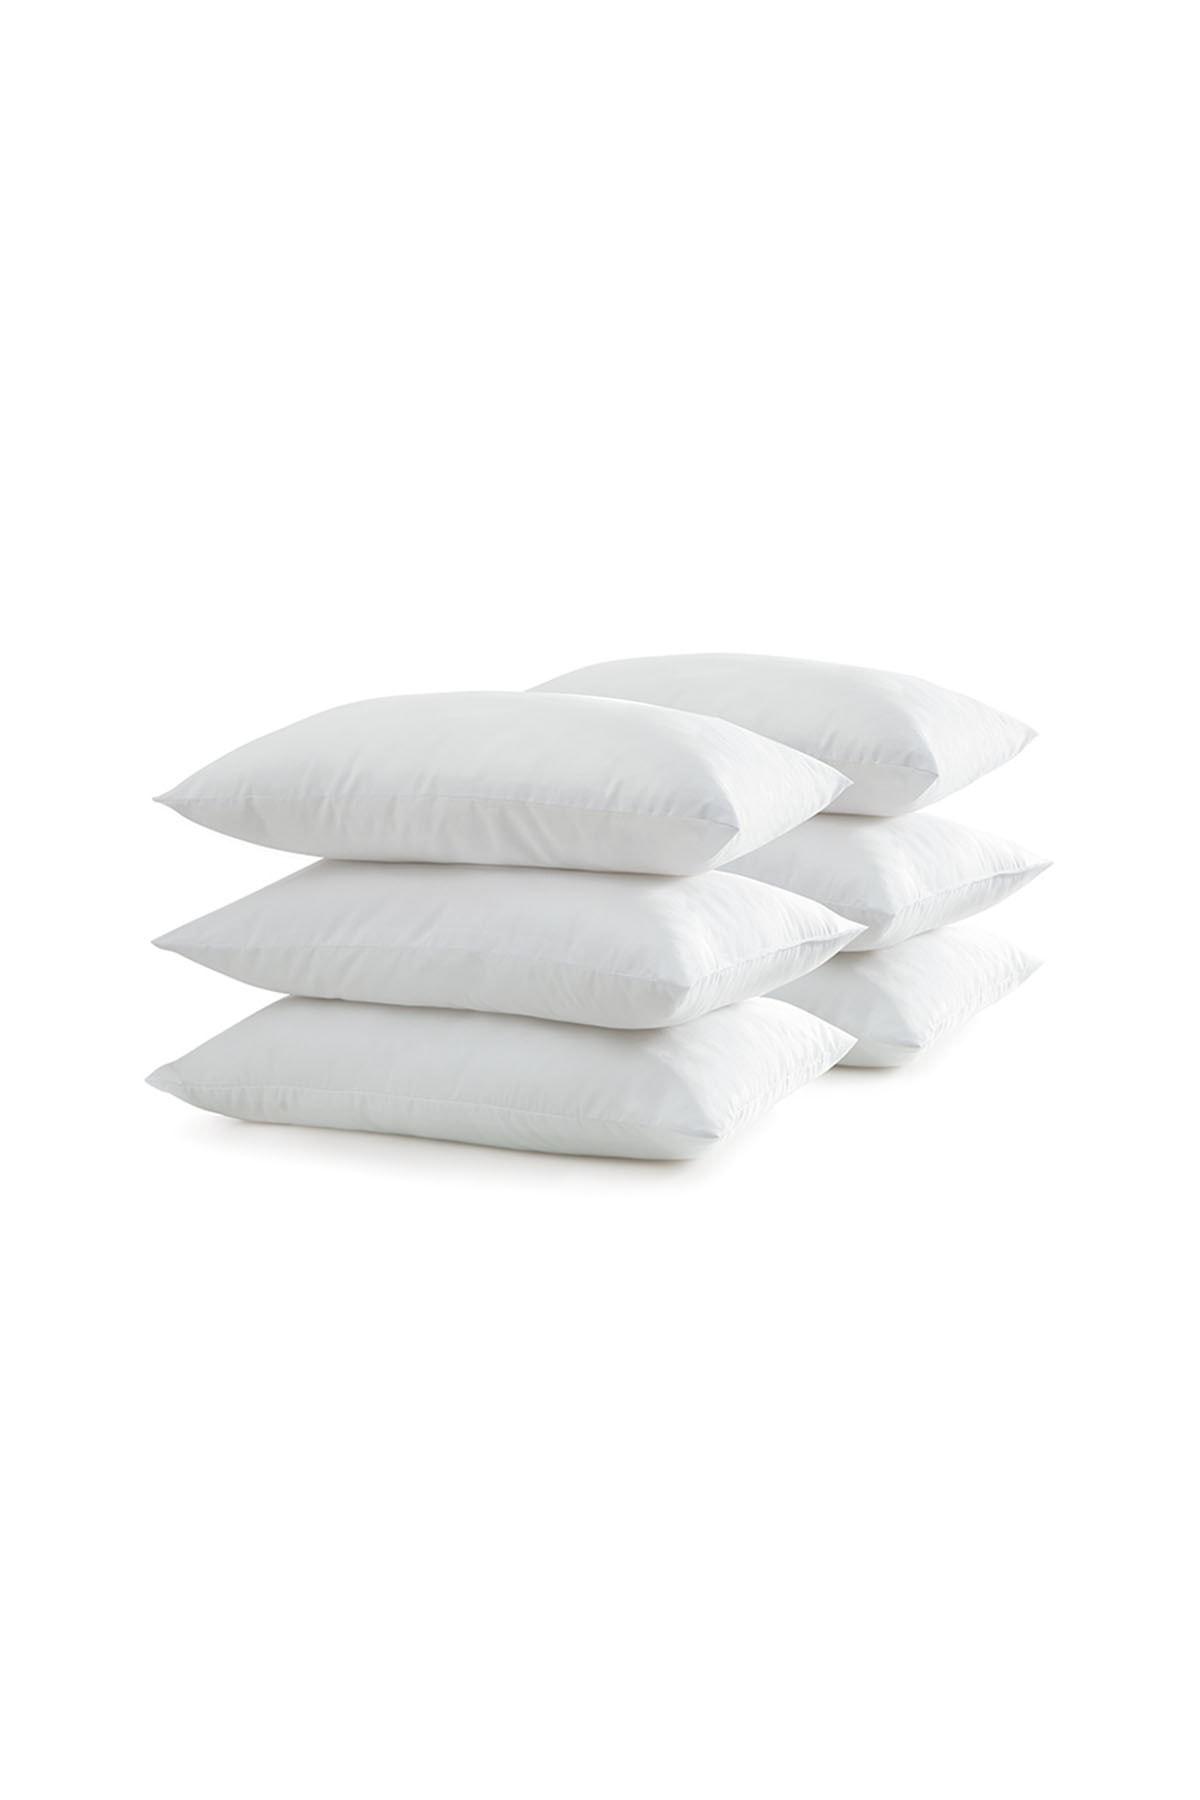 Roll Pack Yastık Seti 6'lı  (50x70 Cm)